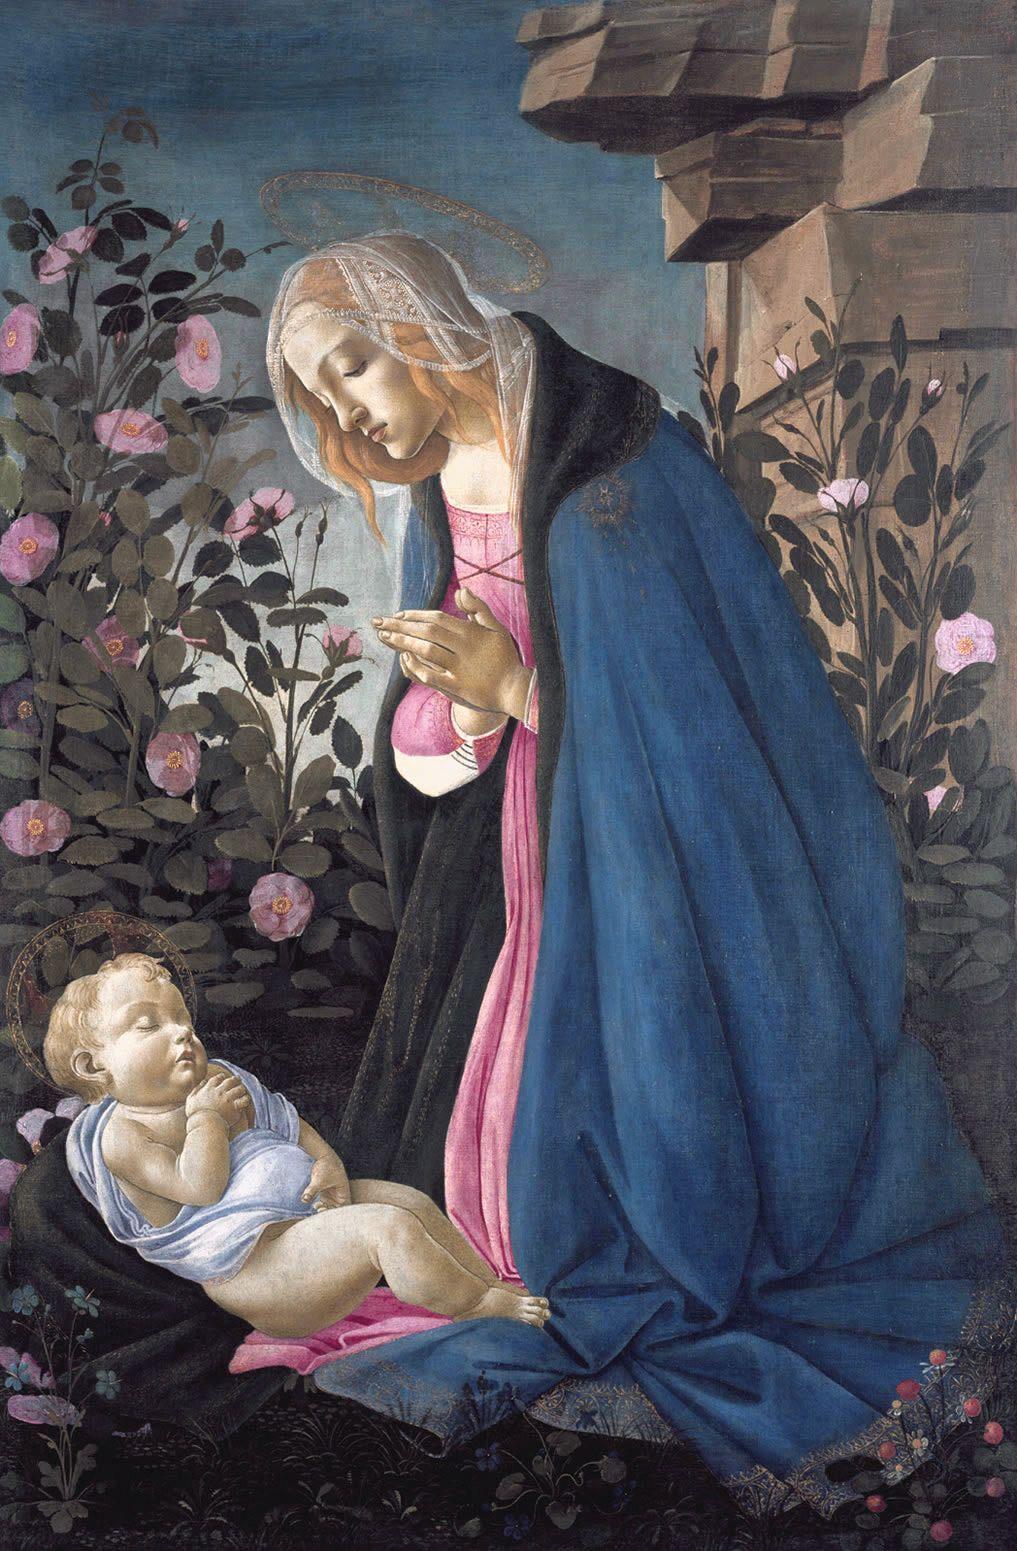 Gimimas Kaledos rozes zemuoges Mergelė garbina miegantį Kūdikį Kristų. Sandro Botticelli, c. 1444-1510